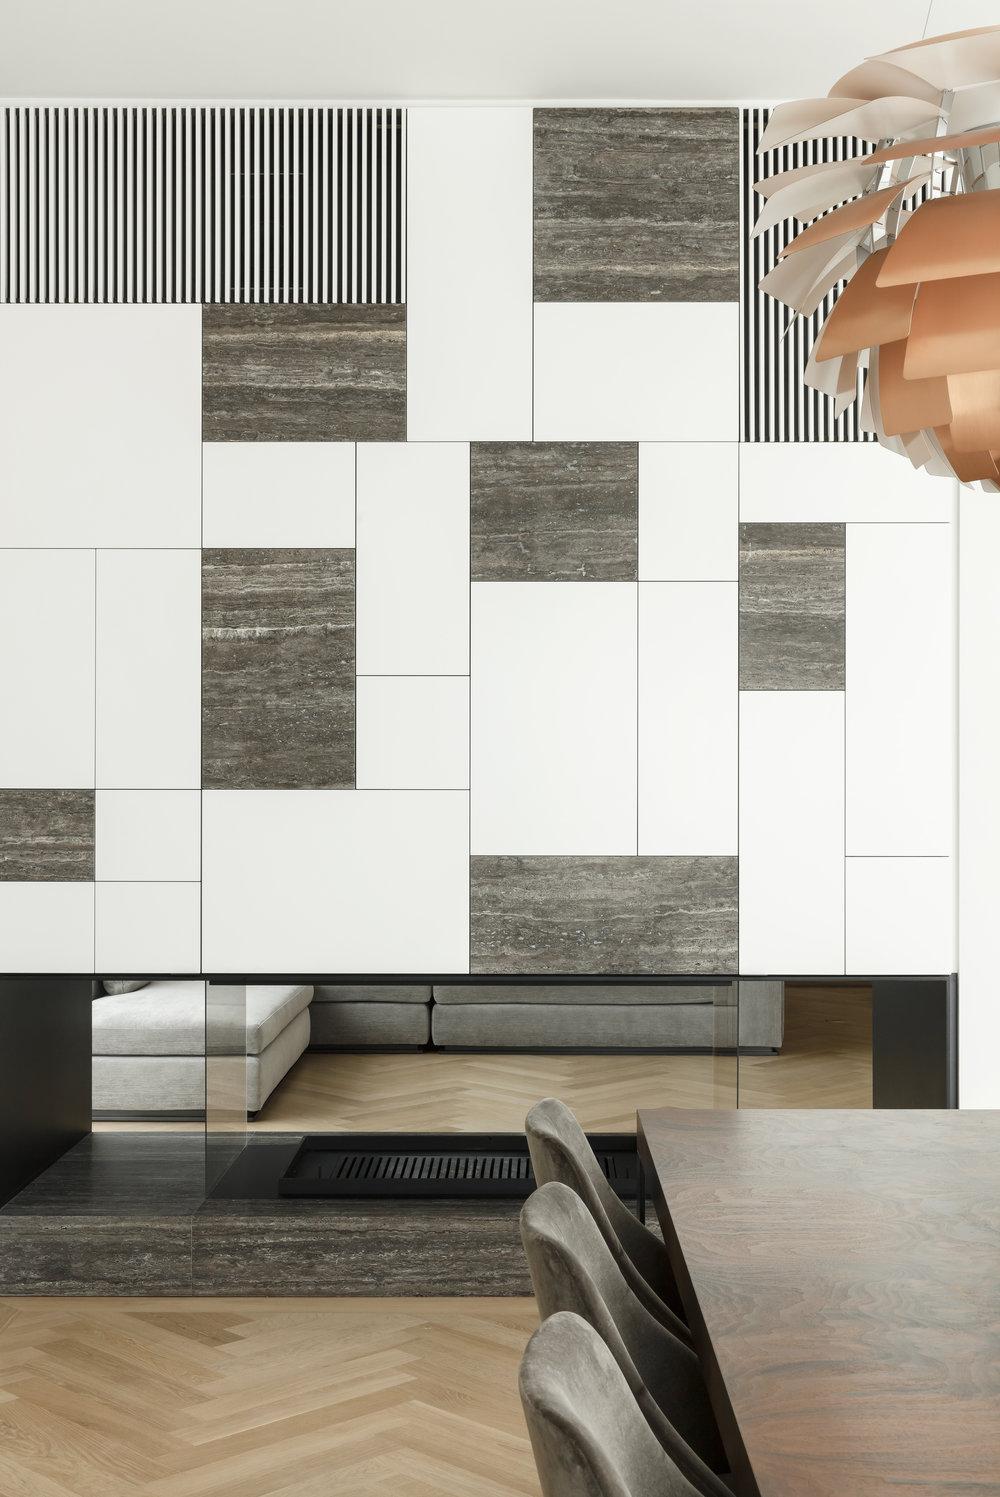 demeestervliegen-architecture-interior-interiorarchitecture-office4.jpg